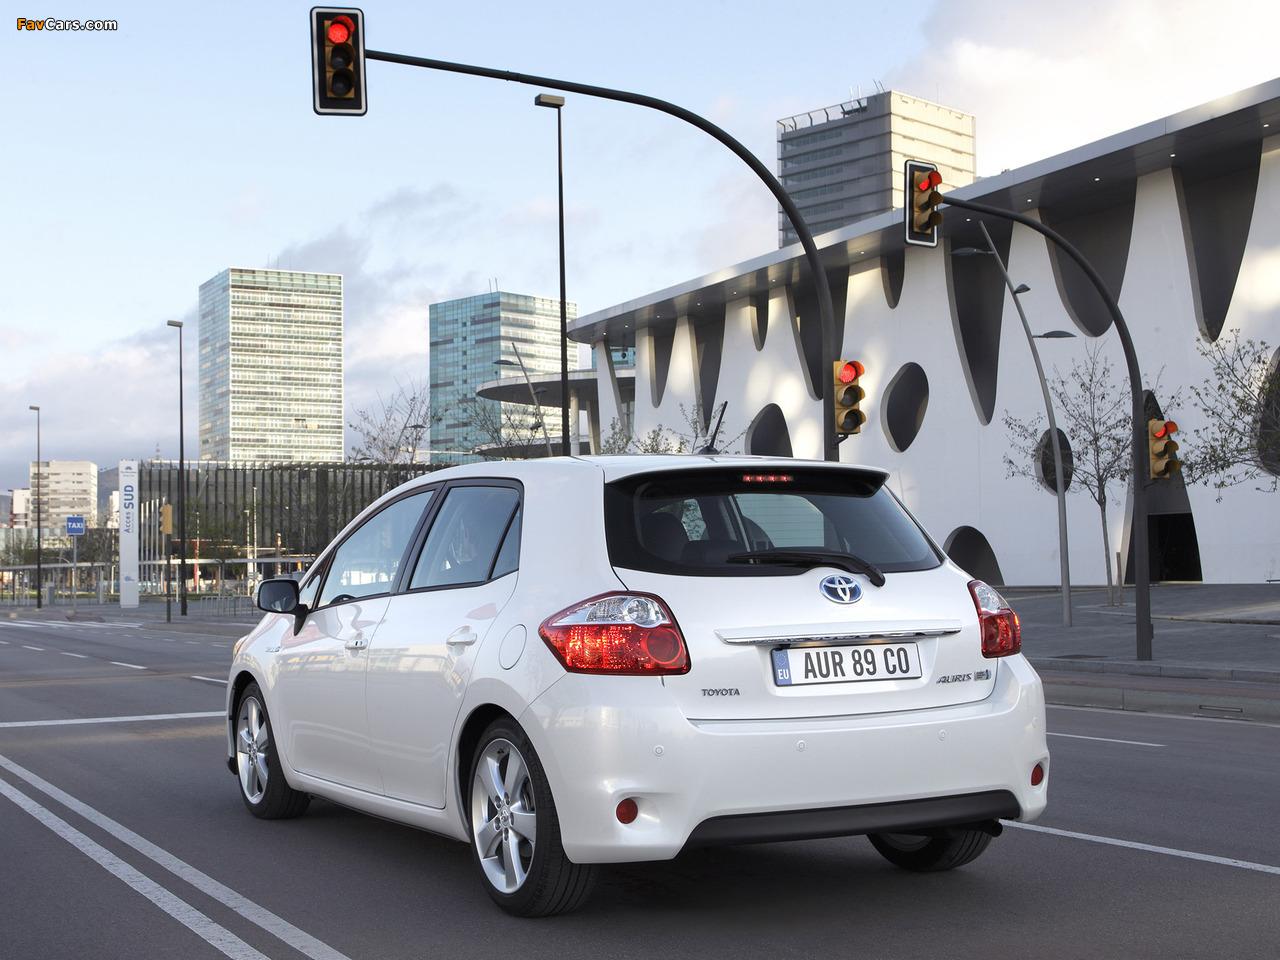 Toyota Аурис и Королла сРавнить #8